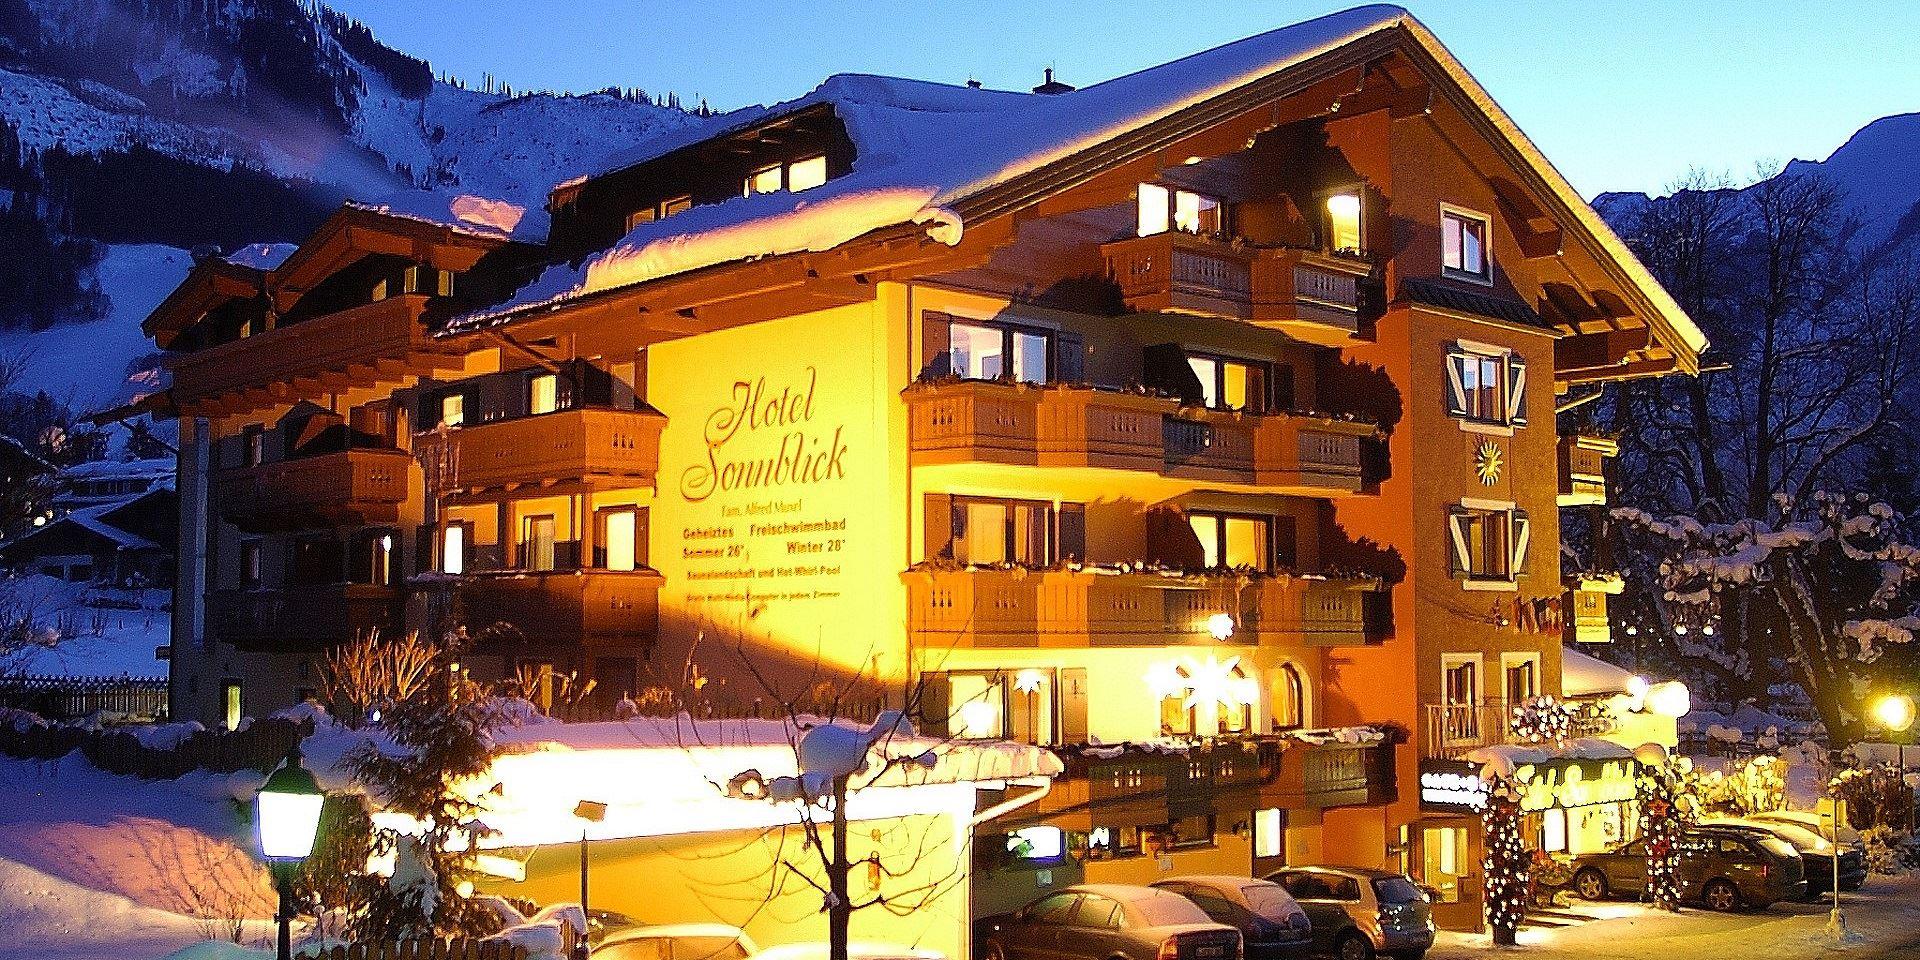 Hotel Sonnblick - Kaprun